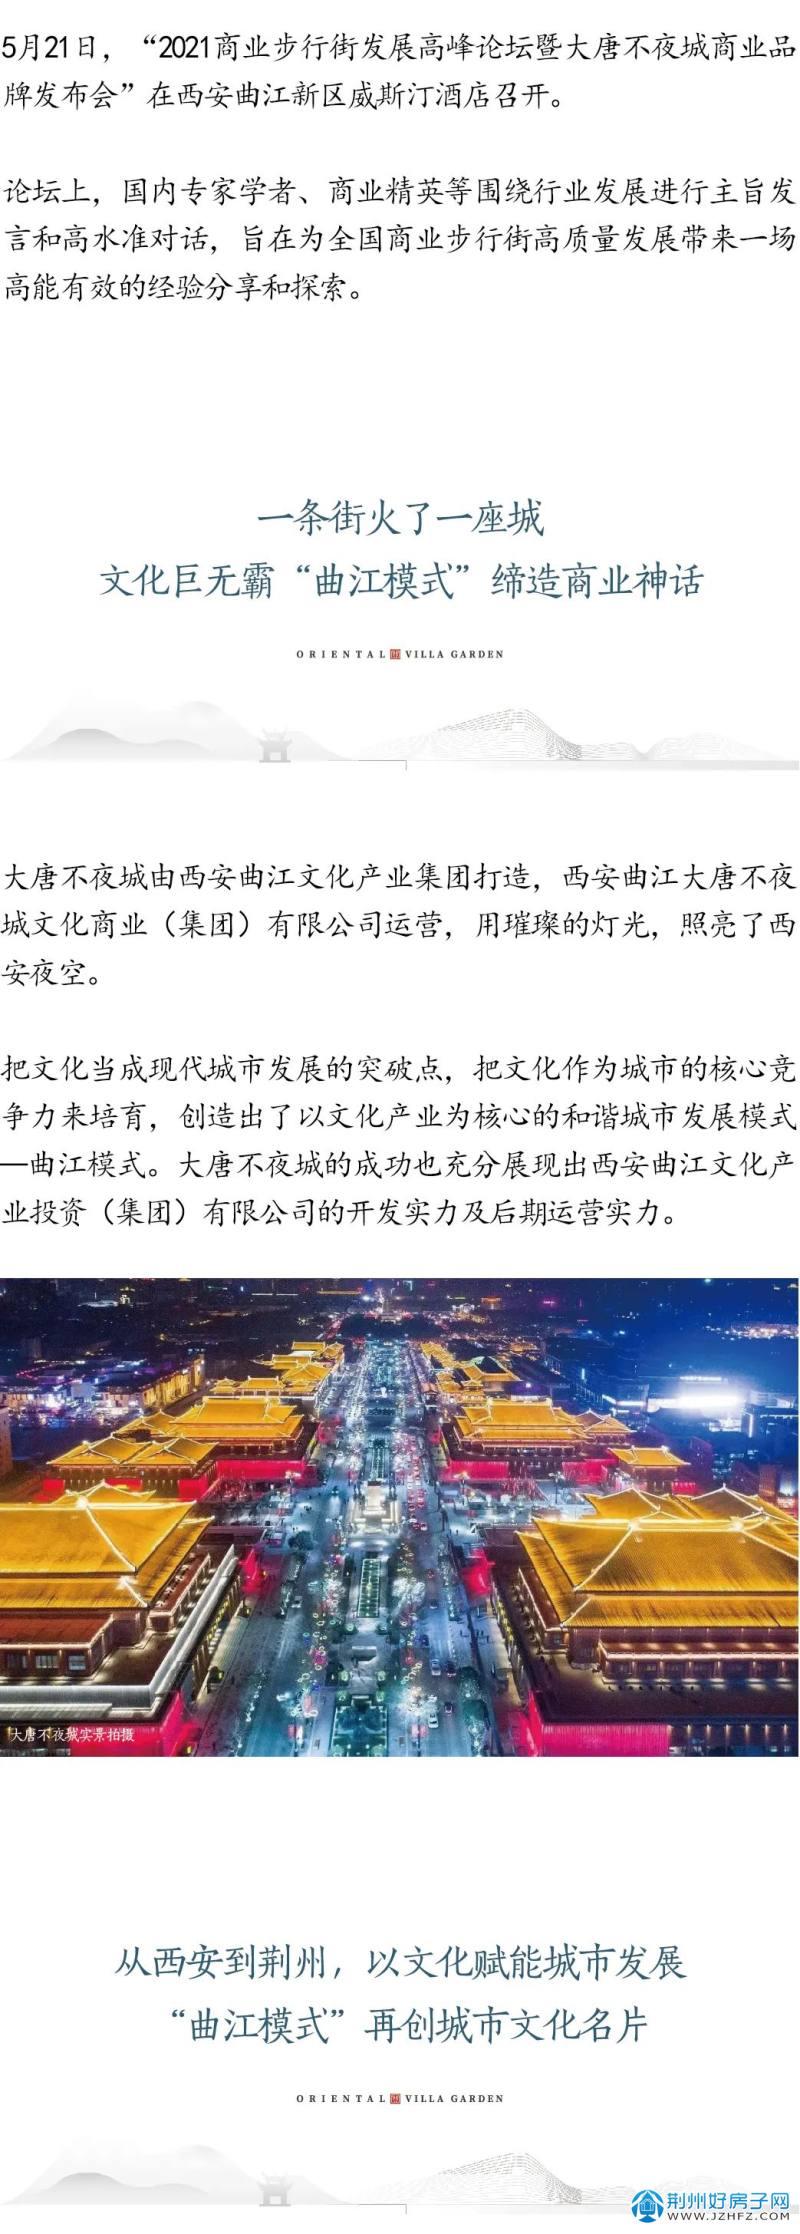 荆州不夜城